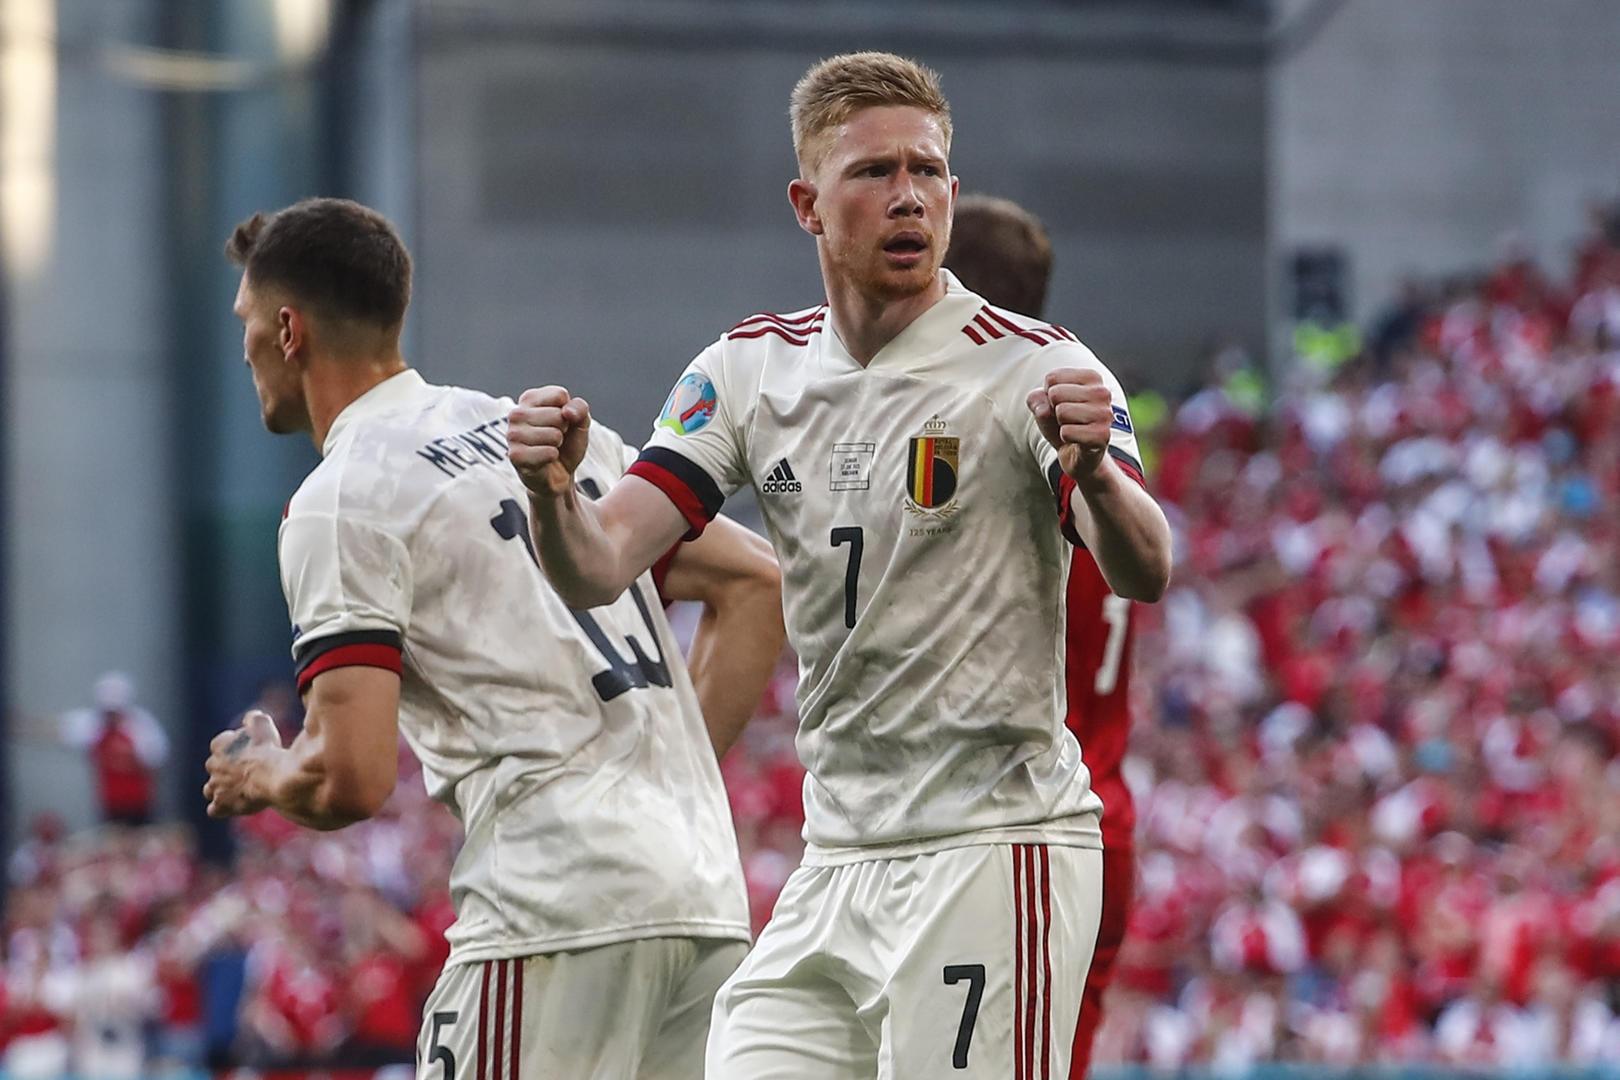 面部骨折尚未痊愈的德布劳内力挽狂澜,淘汰赛上比利时将更可怕!